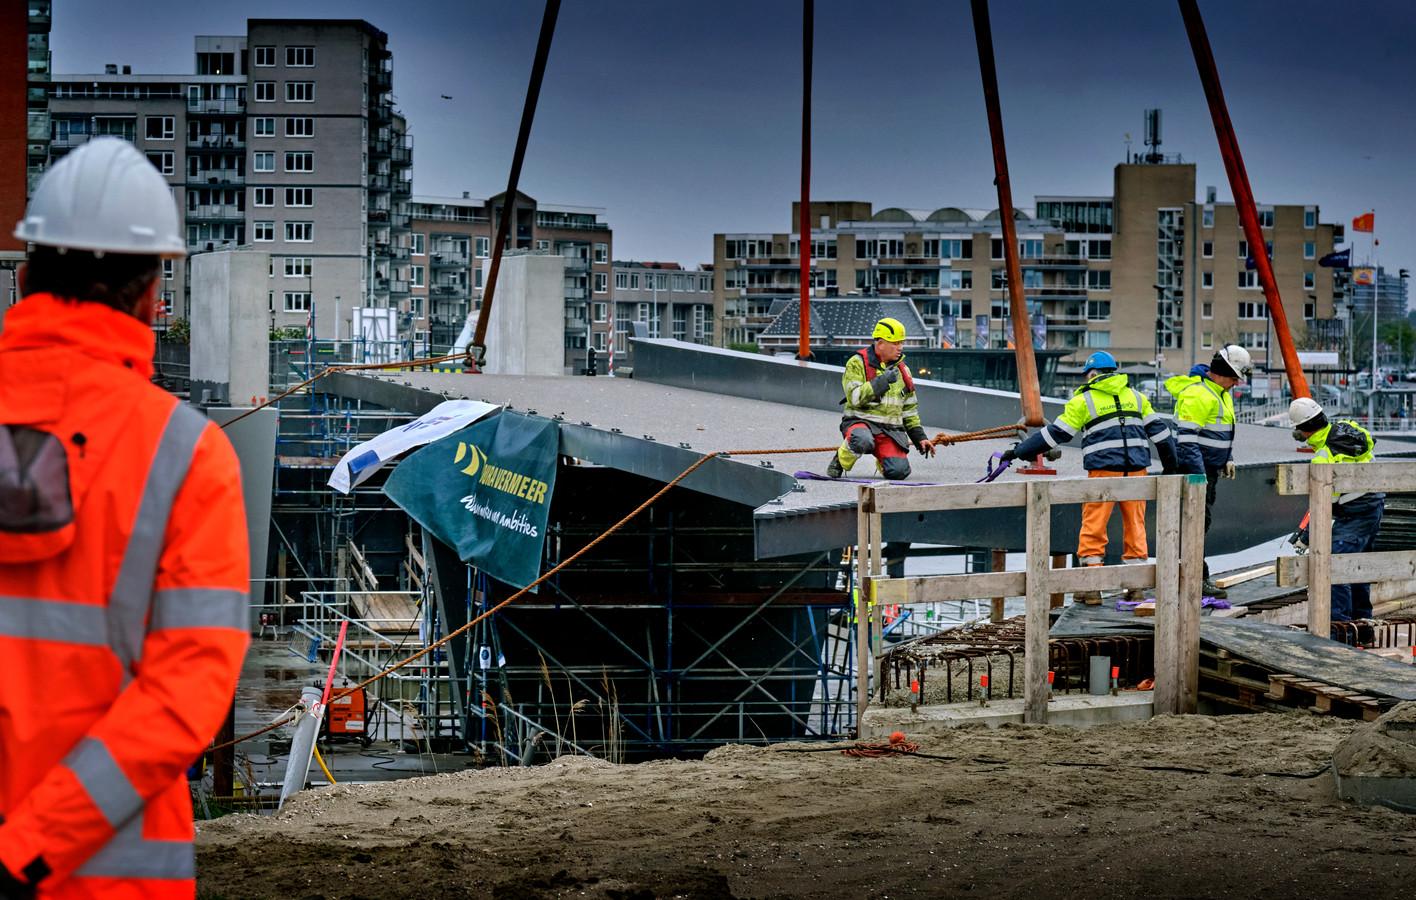 De eerste brugdelen zijn een paar maanden terug geplaatst. Dinsdag volgt het middelste deel.